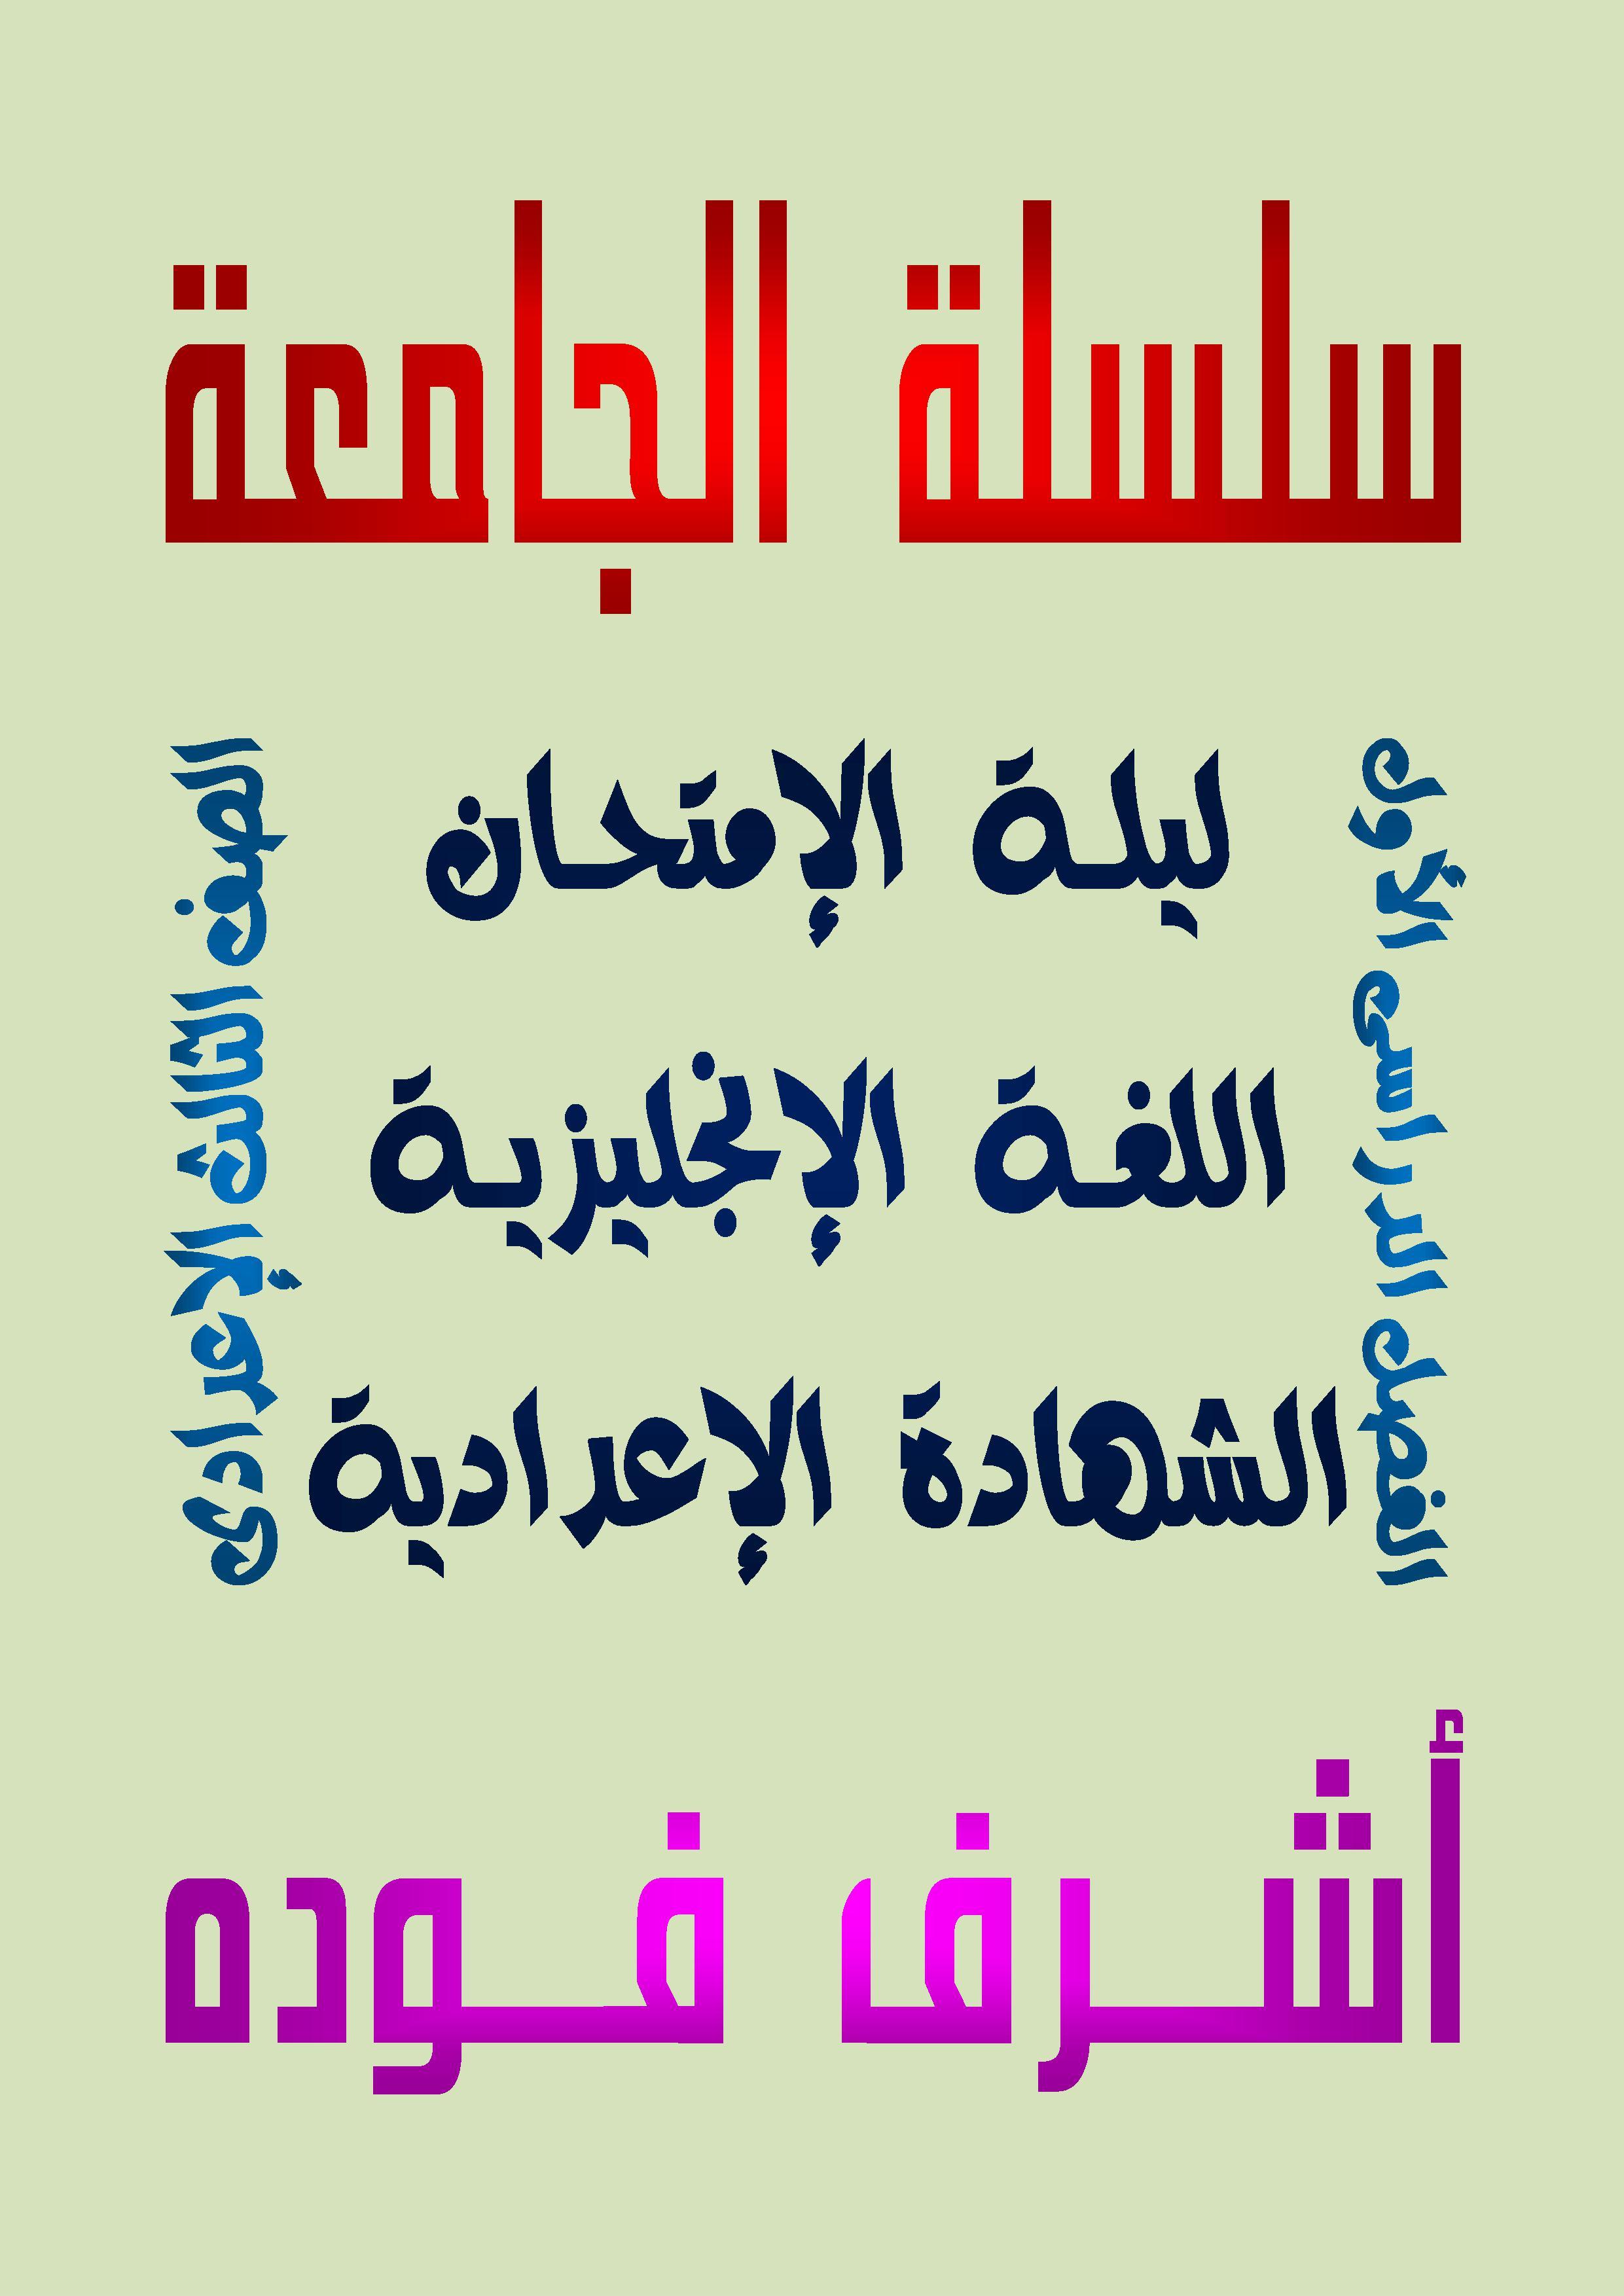 ليلة إمتحان يخرج عنها إمتحان بالإجابه النموذجيه www.alashrafedu.com1